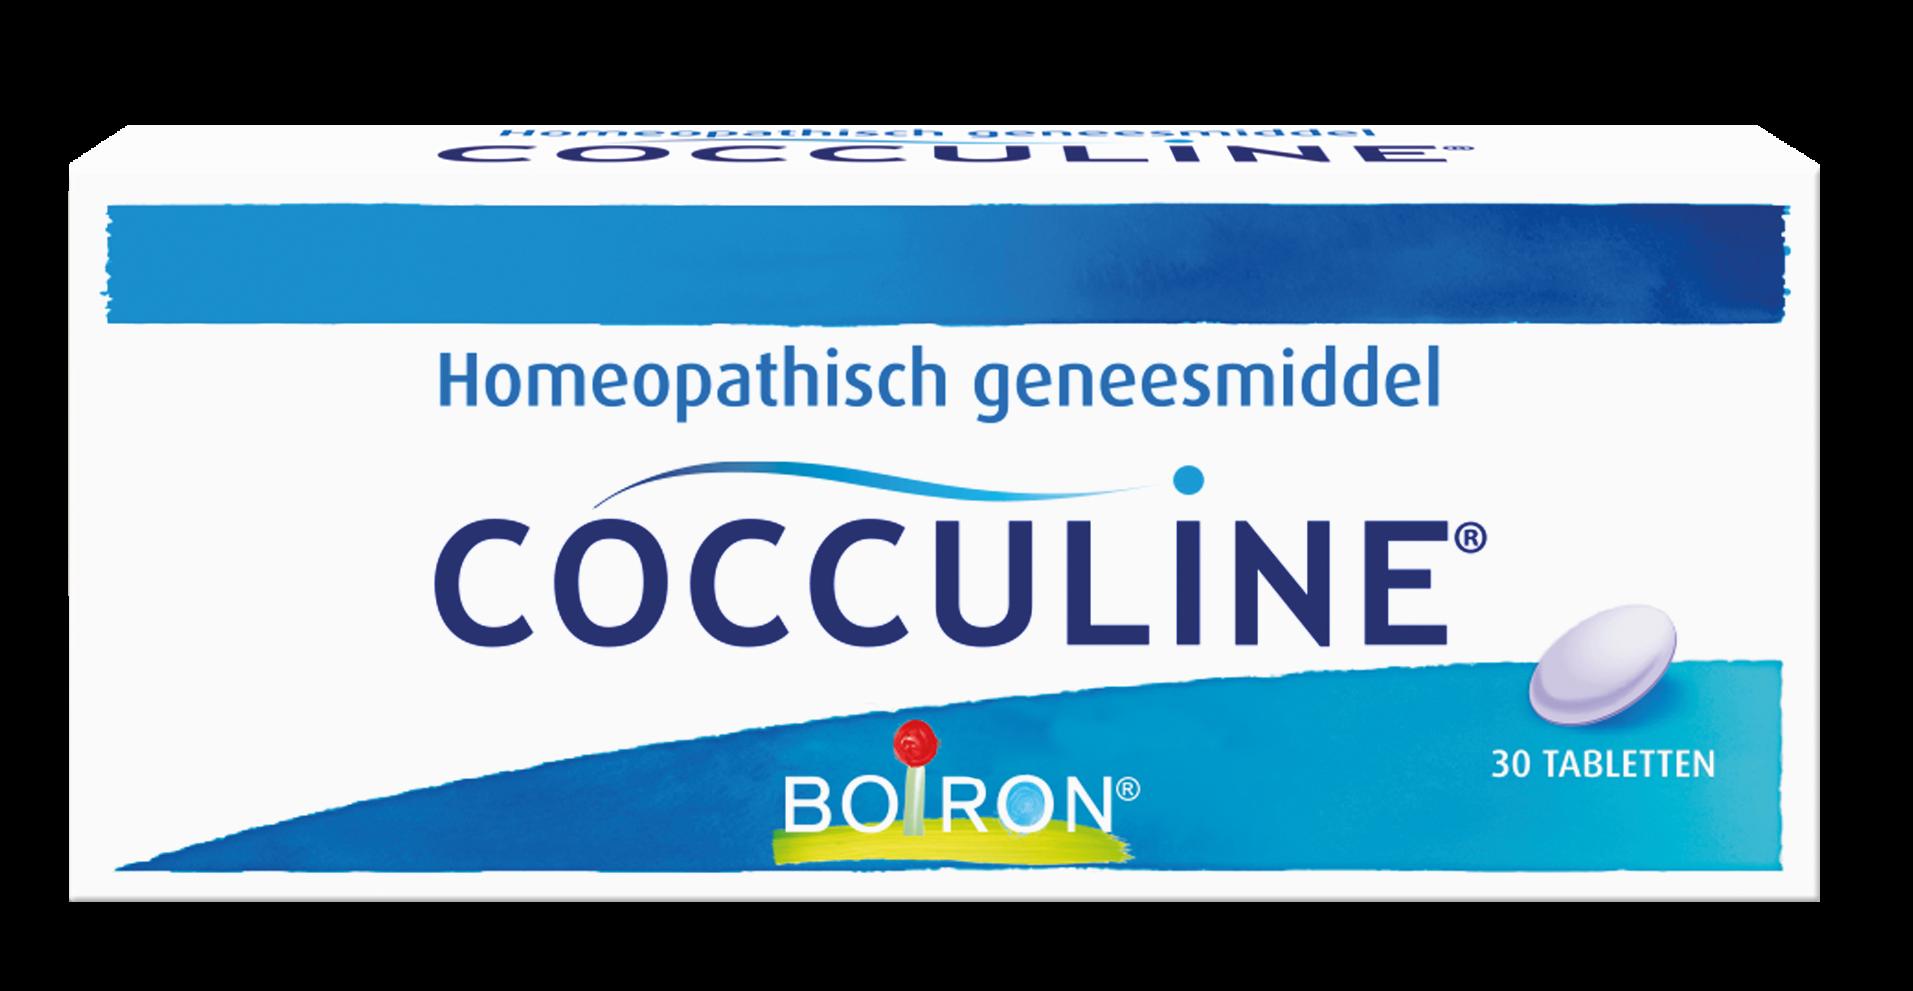 283728 cocculine%20packshot a147dd original 1529924118